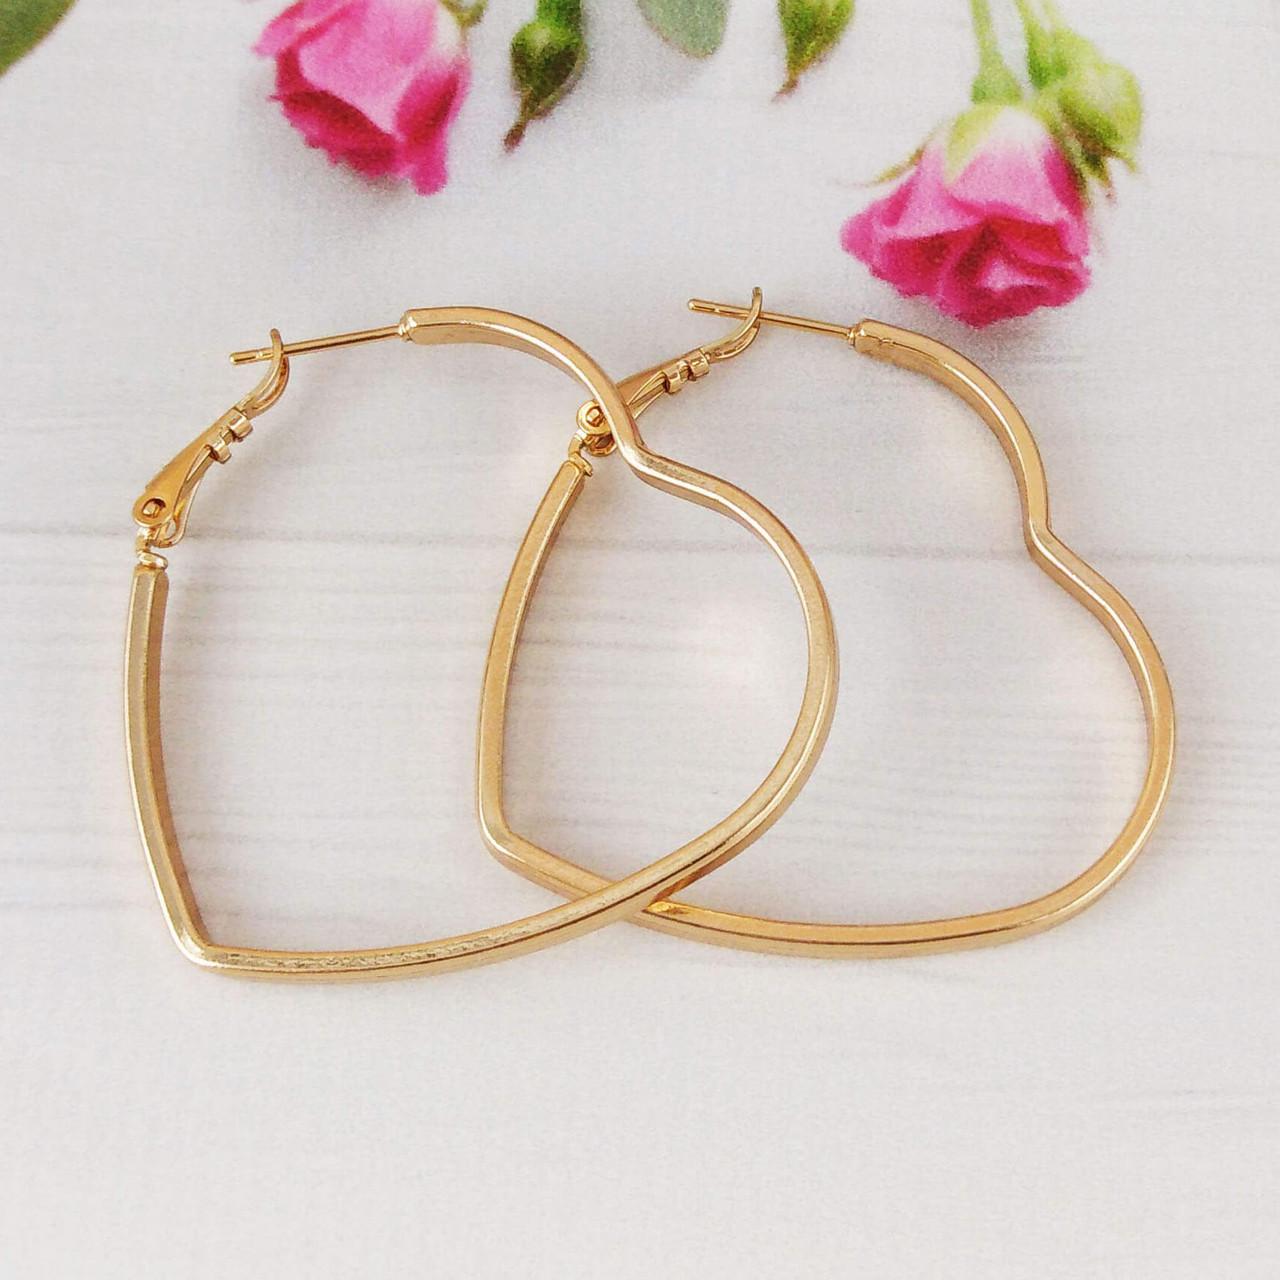 Серьги кольца Xuping Jewelry 46 мм Сердечки медицинское золото позолота 18К А/В 5770